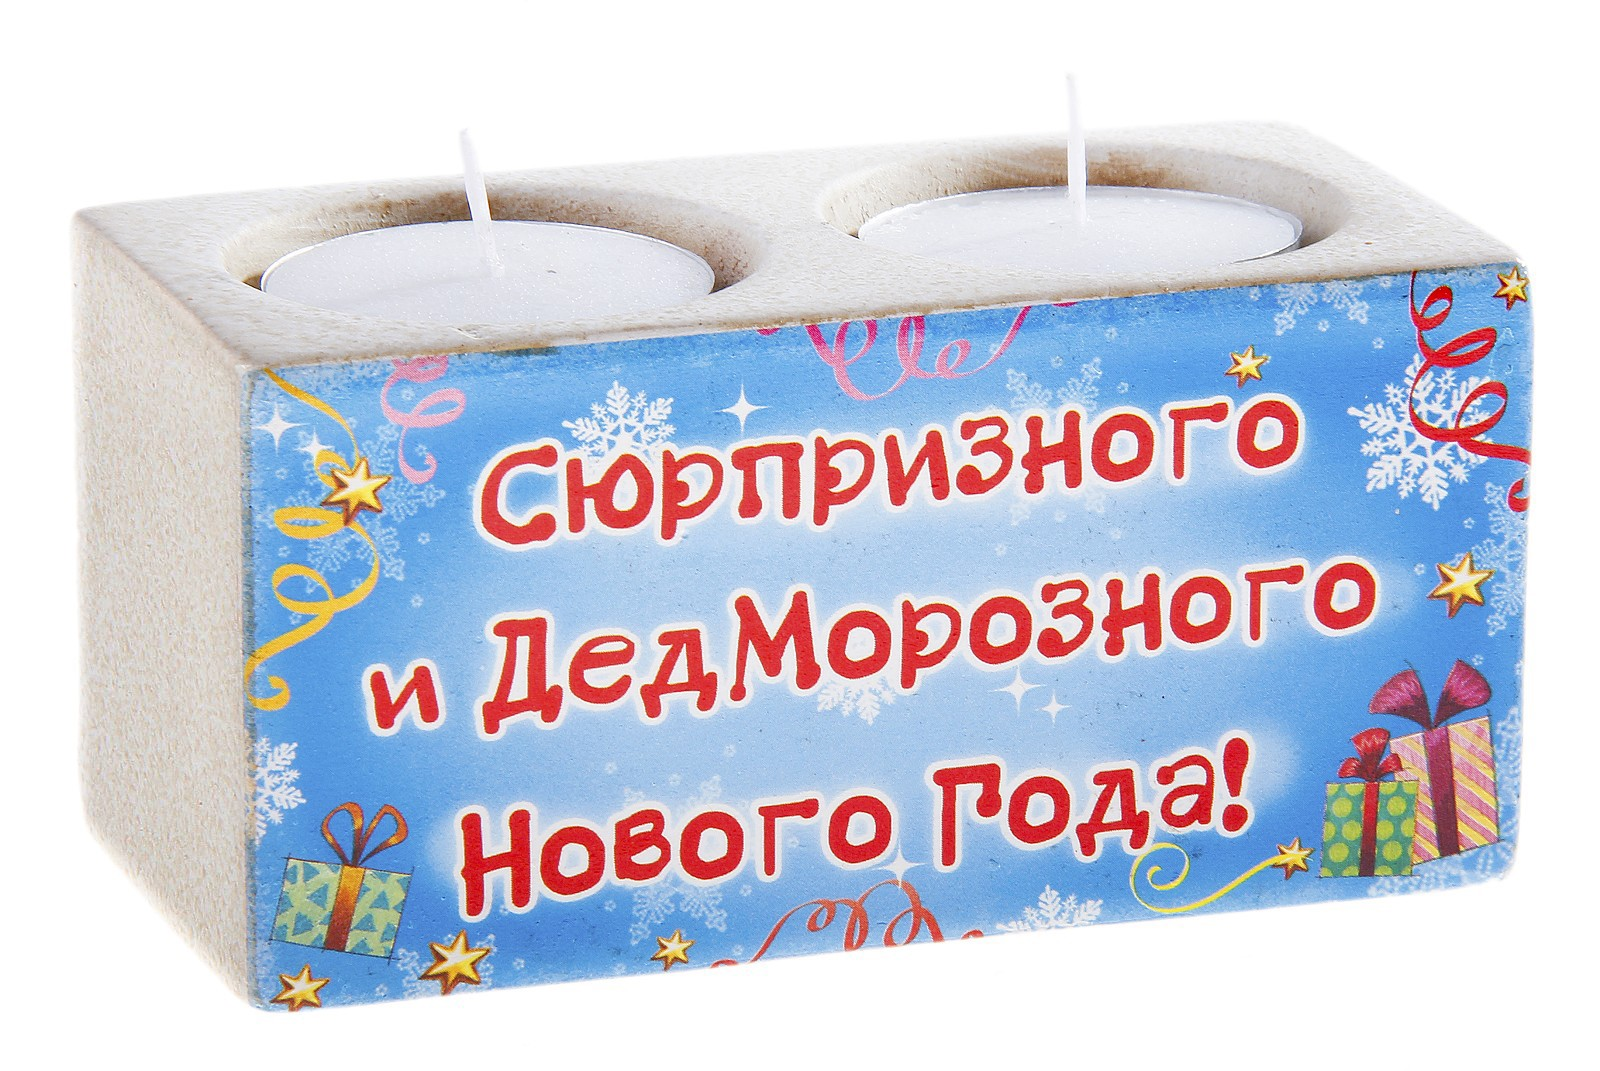 Подсвечник керамический на две свечи Сюрпризного нового года, с двумя свечами. 686646PH7685Прямоугольный подсвечник Сюрпризного нового года, выполненный из керамики, украшен надписями Сюрпризного и ДедМорозного Нового года. Подсвечник рассчитан на две свечи. С таким стильным аксессуаром ваш праздник станет незабываемым. В комплекте - 2 чайные свечки. Характеристики: Материал: керамика. Цвет: голубой, бежевый. Размер подсвечника: 11 см х 5,5 см х 5,5 см. Диаметр свечи: 4 см. Артикул: 686646.